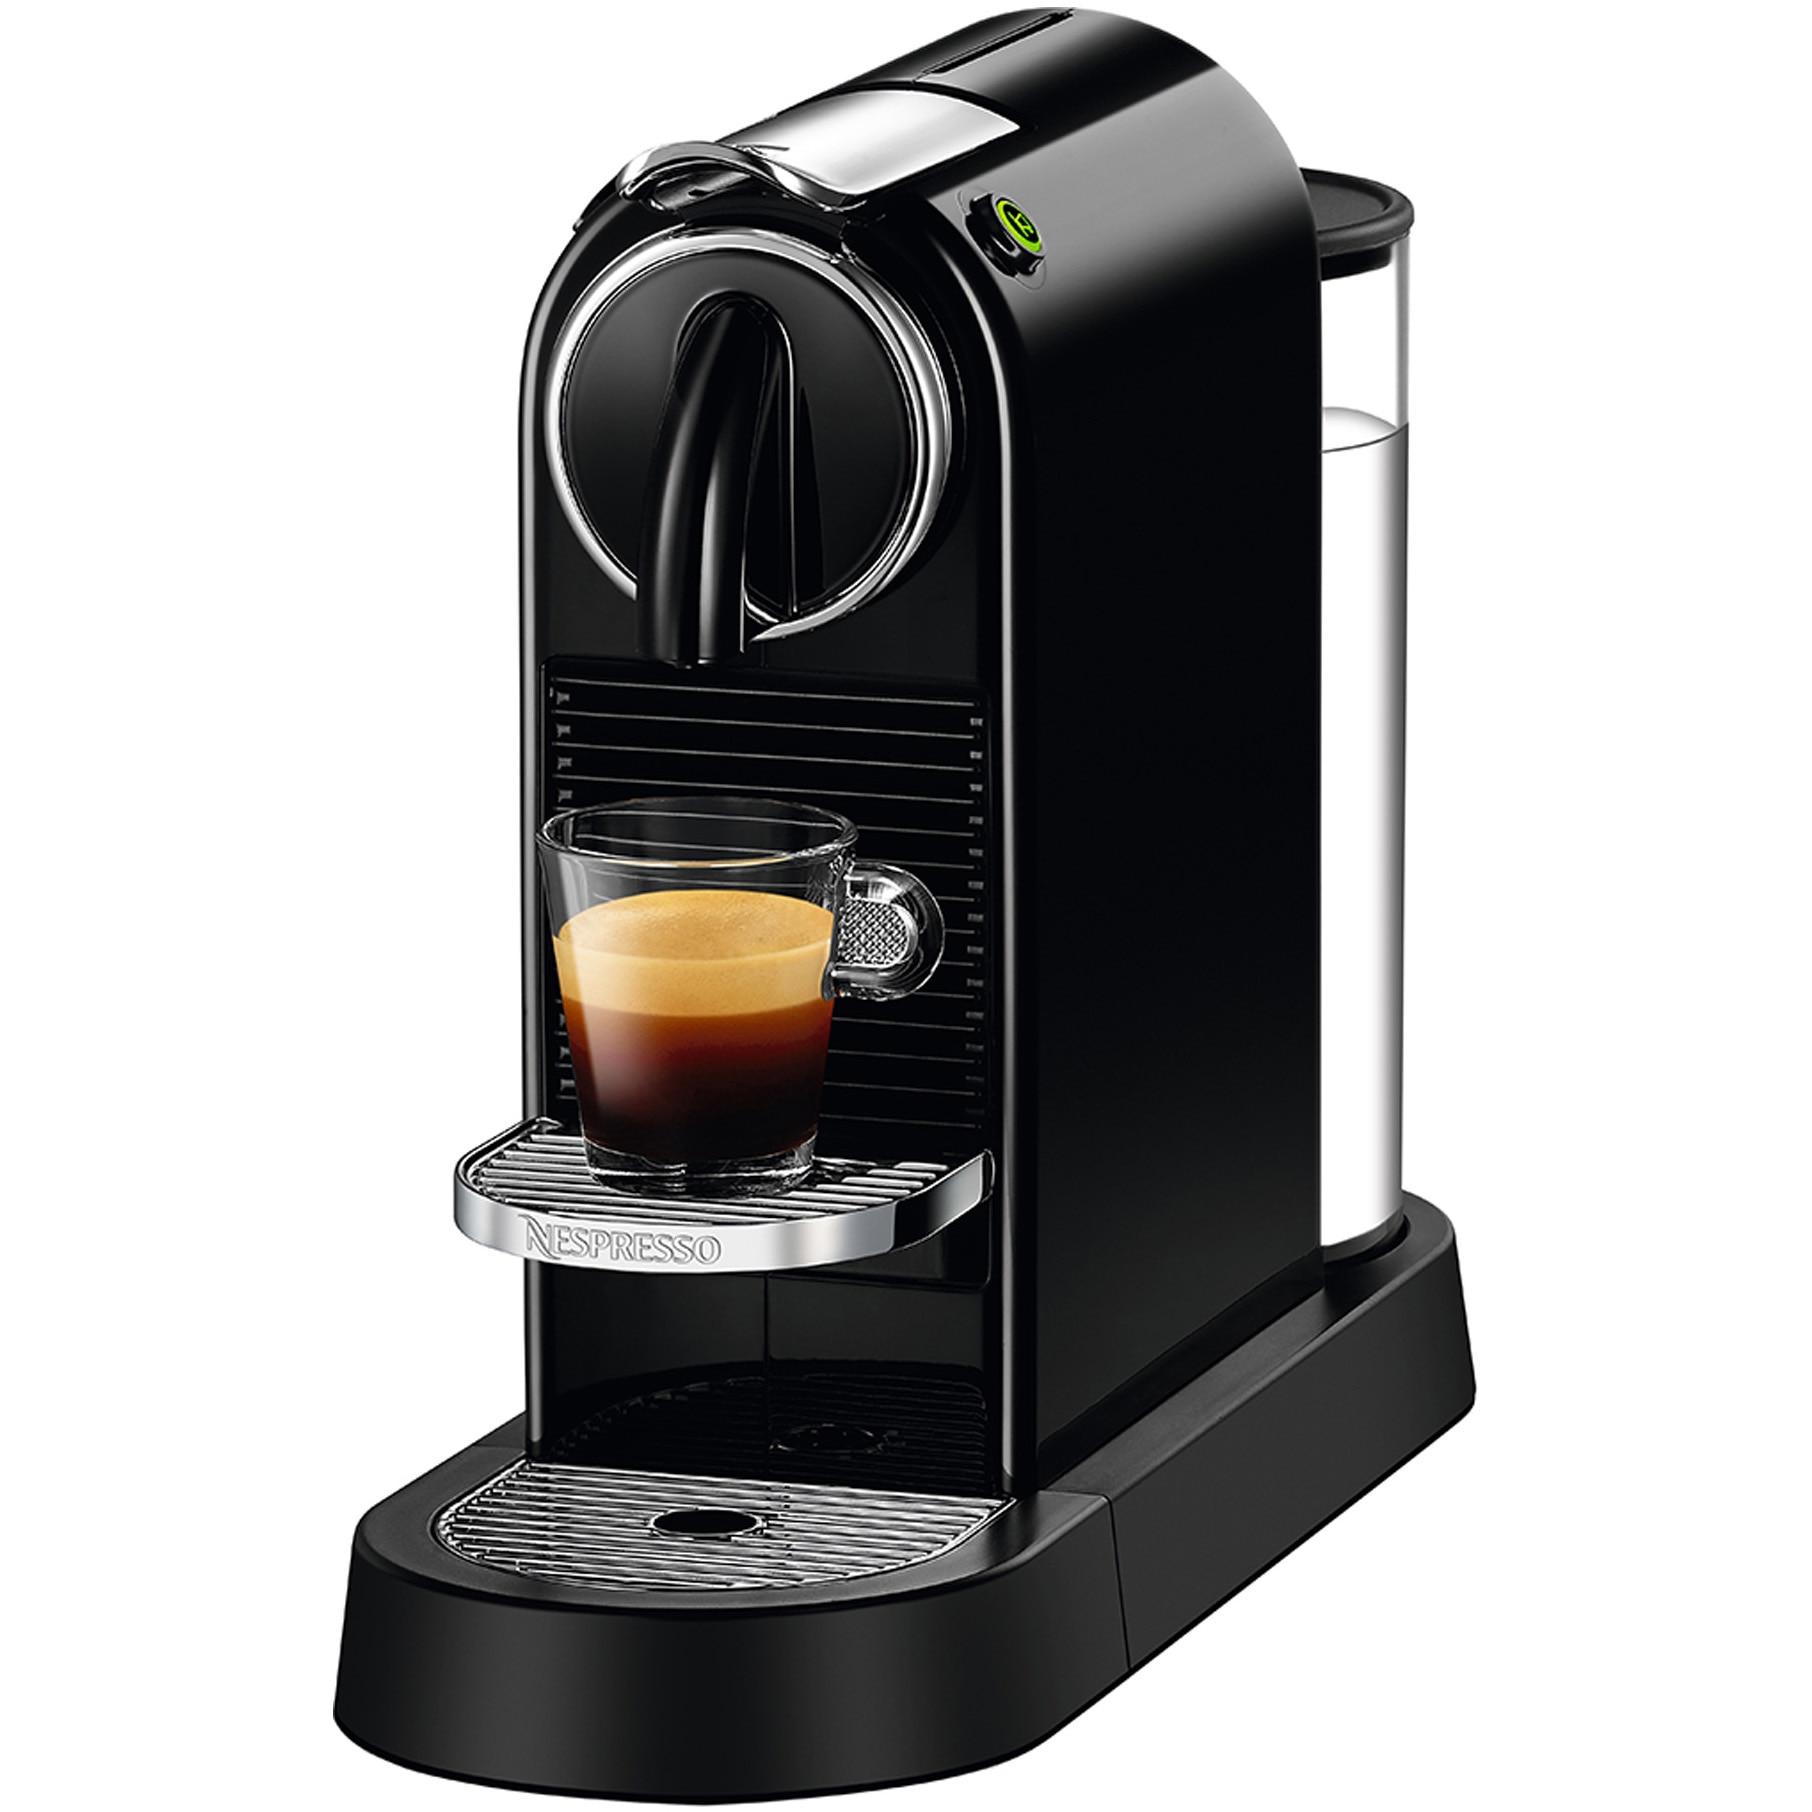 Fotografie Espressor Nespresso CitiZ Black D112-EU-BK-NE, 19 bari, 1260 W, 1 l, Negru + 14 capsule cadou